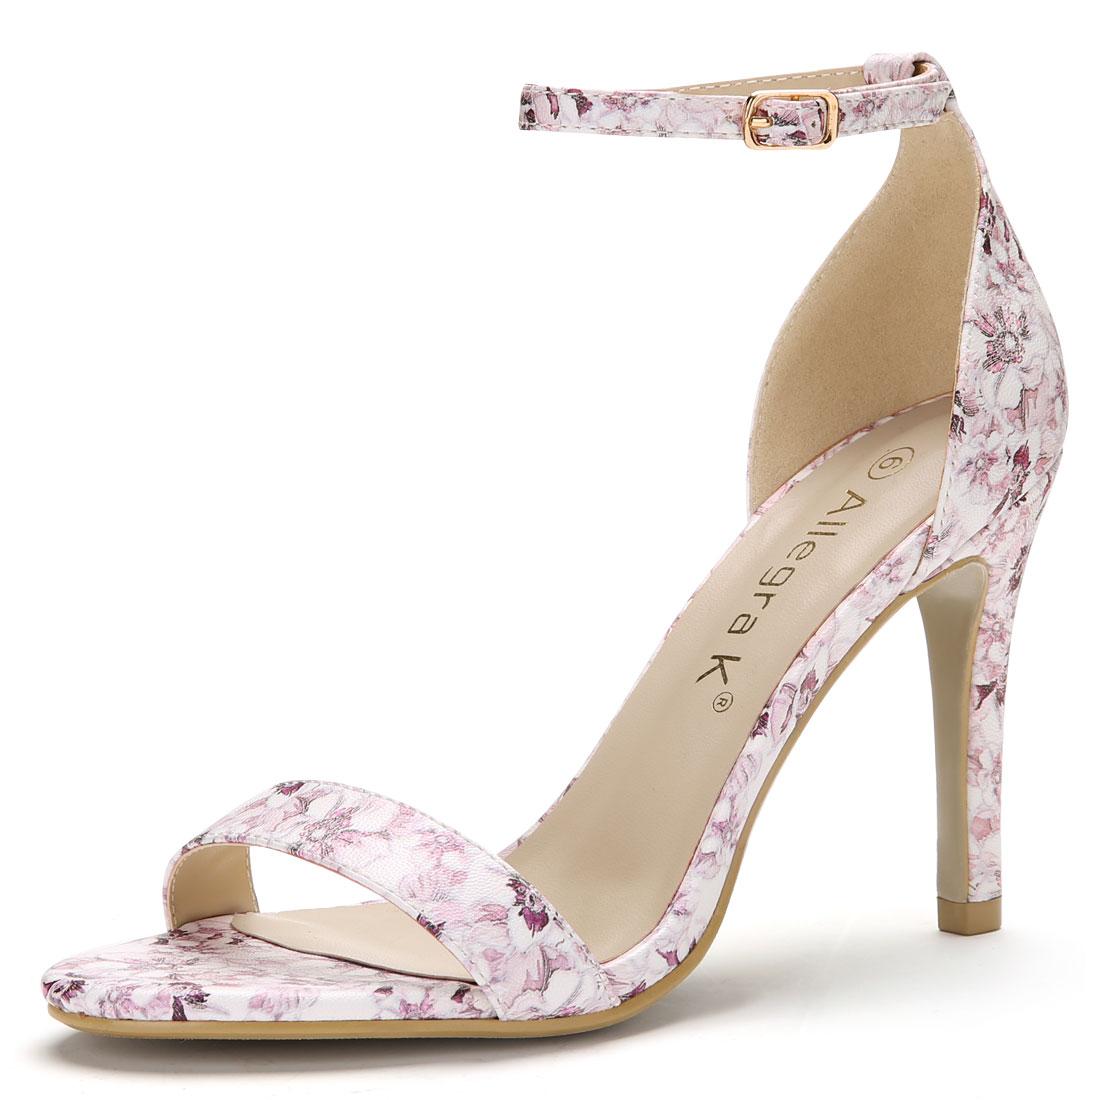 Women Floral Prints Stiletto Heel Ankle Strap Sandals Light Purple US 7